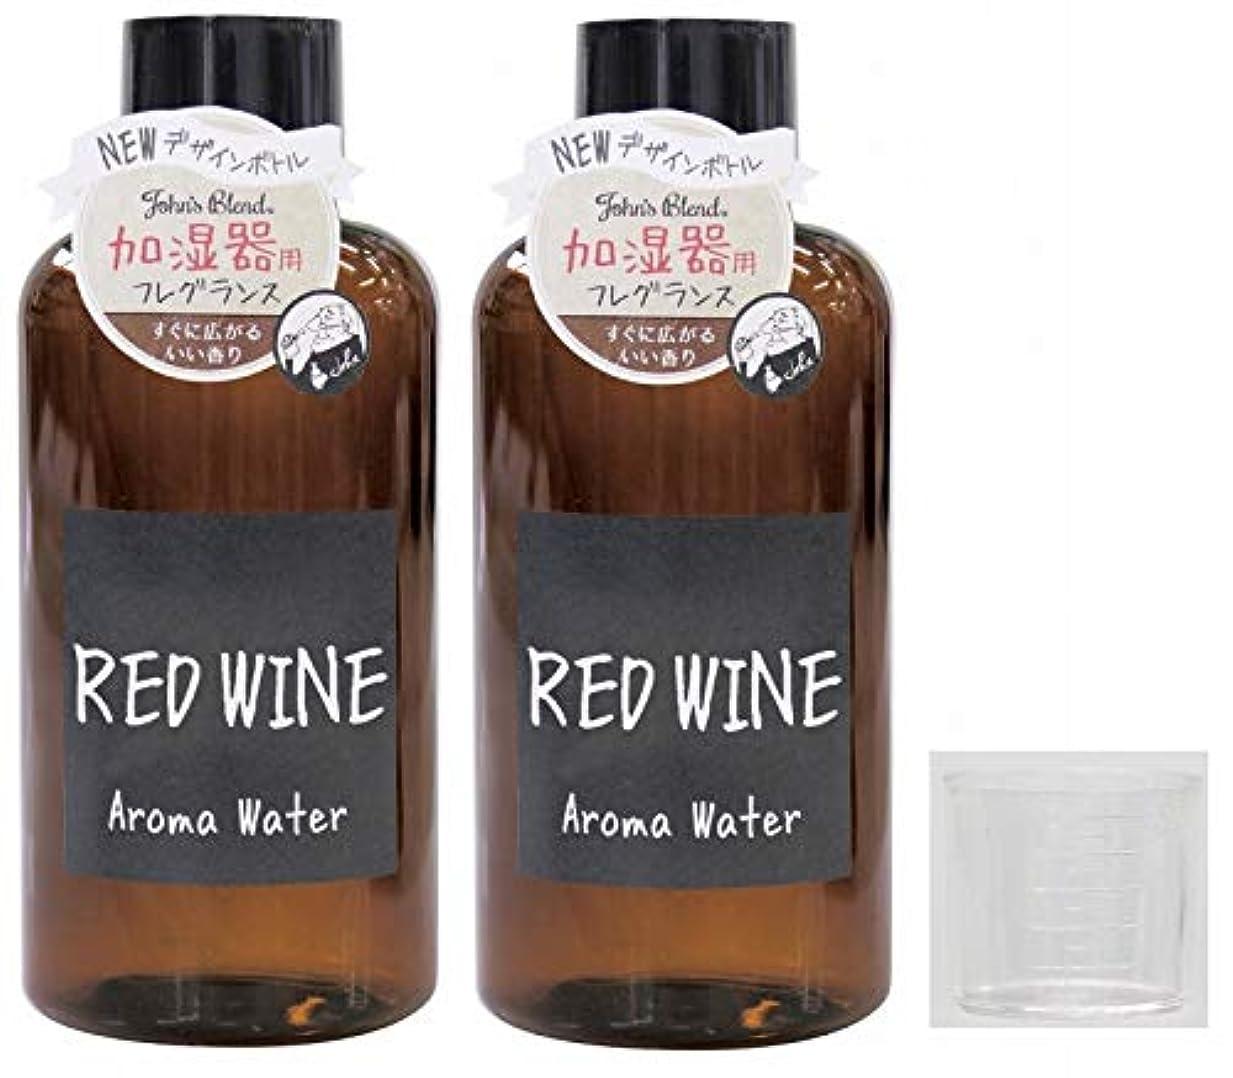 塩辛い詩人で【2個セット?計量カップ付き】 JohnsBlend(ジョンズブレンド) アロマウォーター 加湿器用 520ml レッドワインの香り OA-JON-12-5【計量カップのおまけつき】